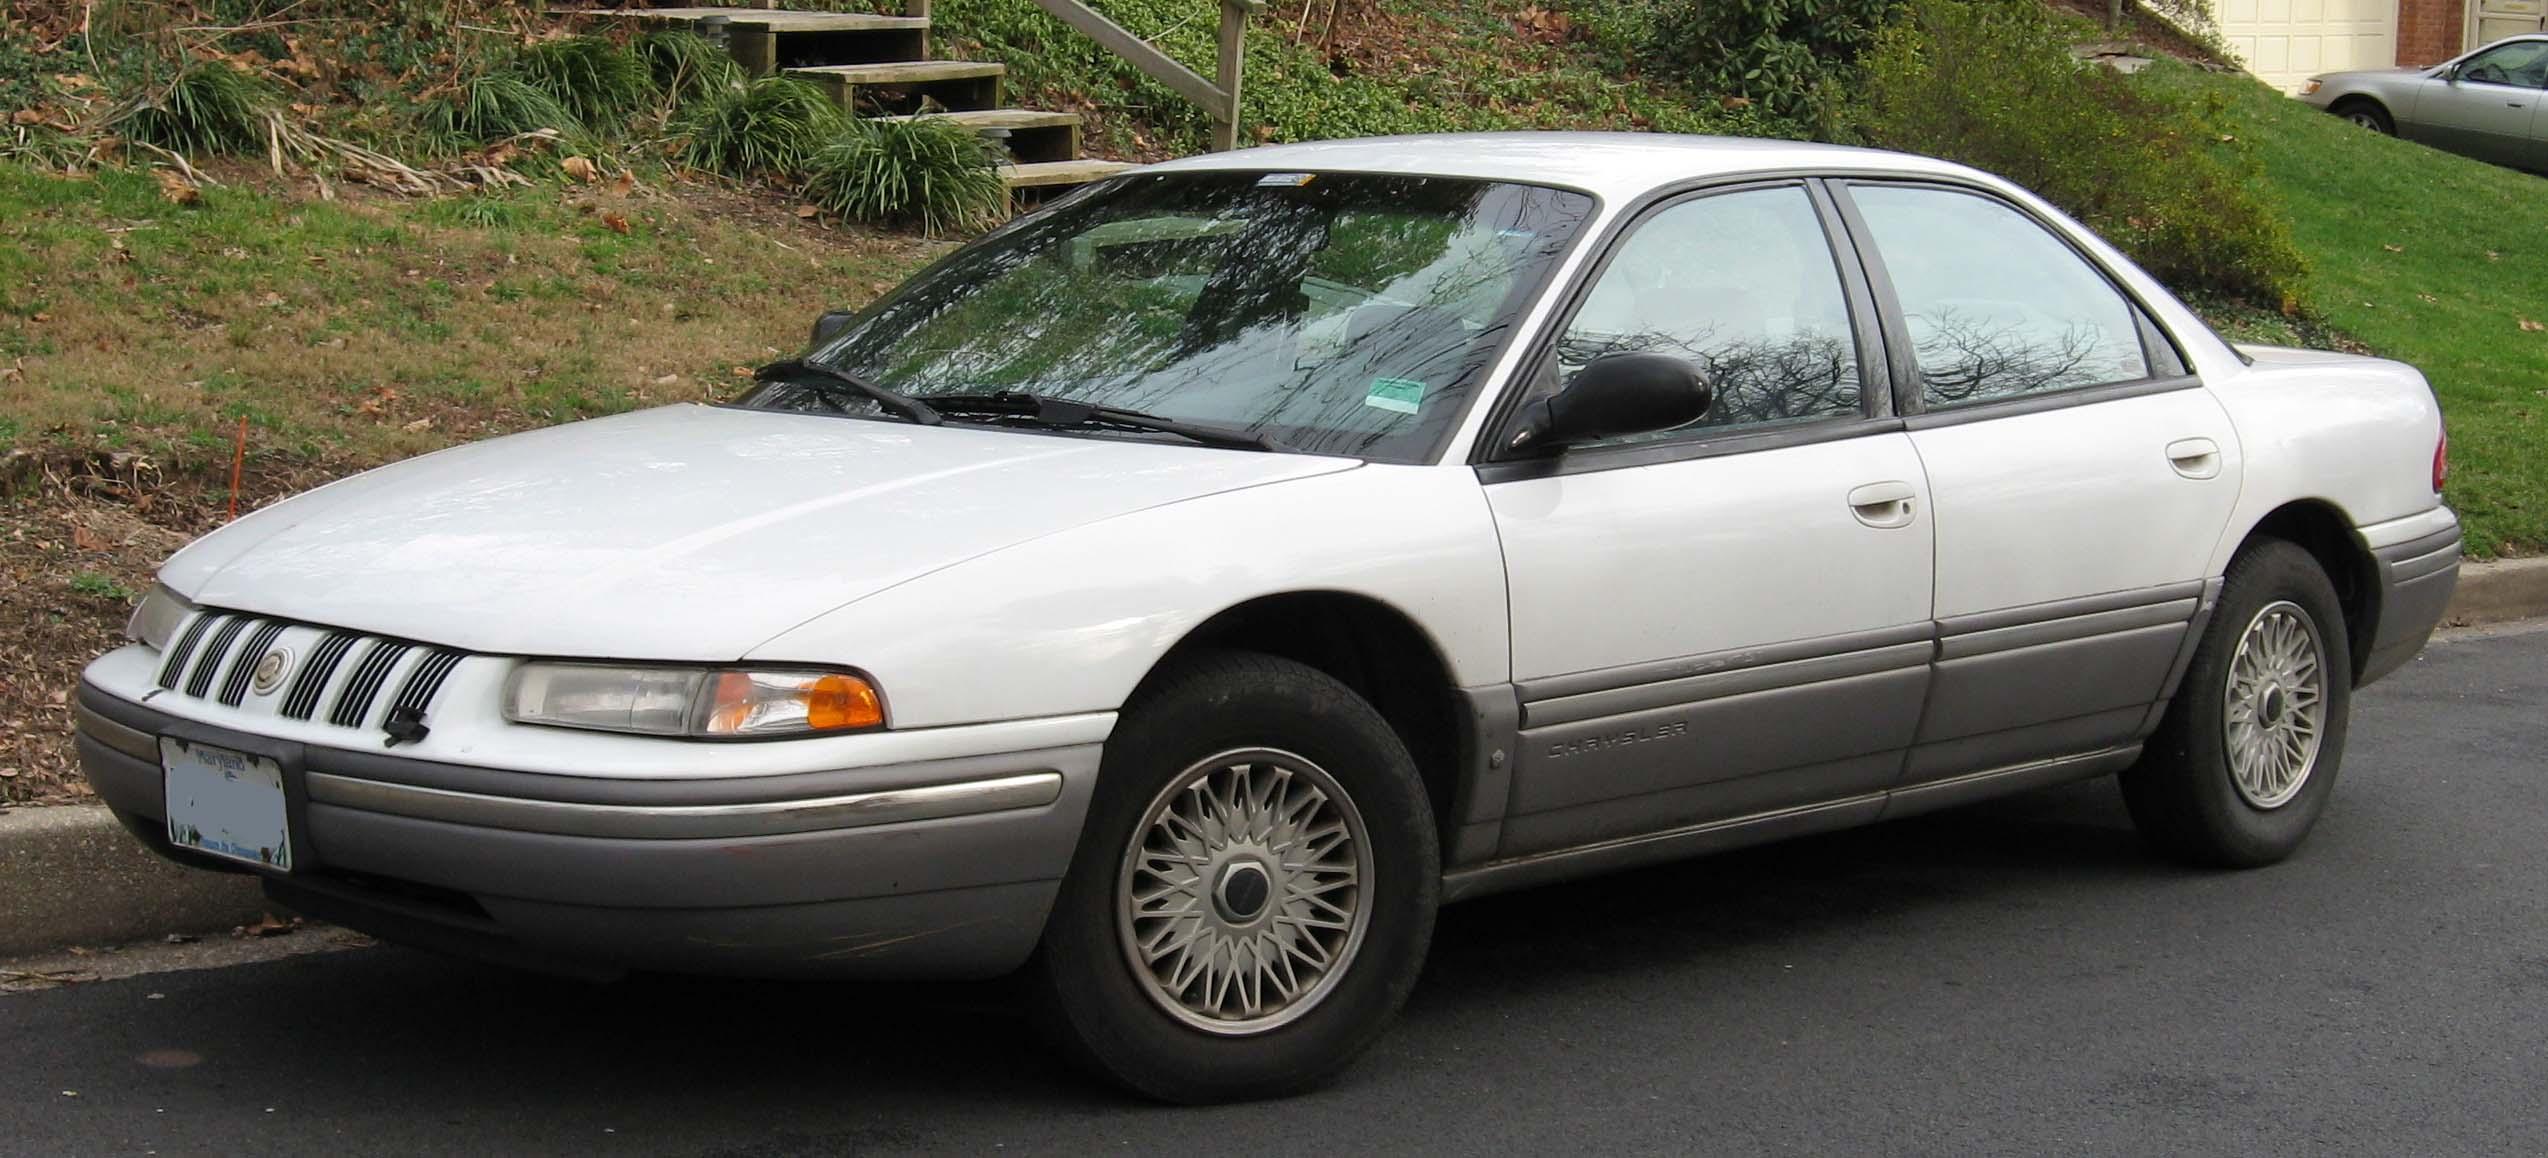 Chrysler LHS I 1993 - 1997 Sedan #1